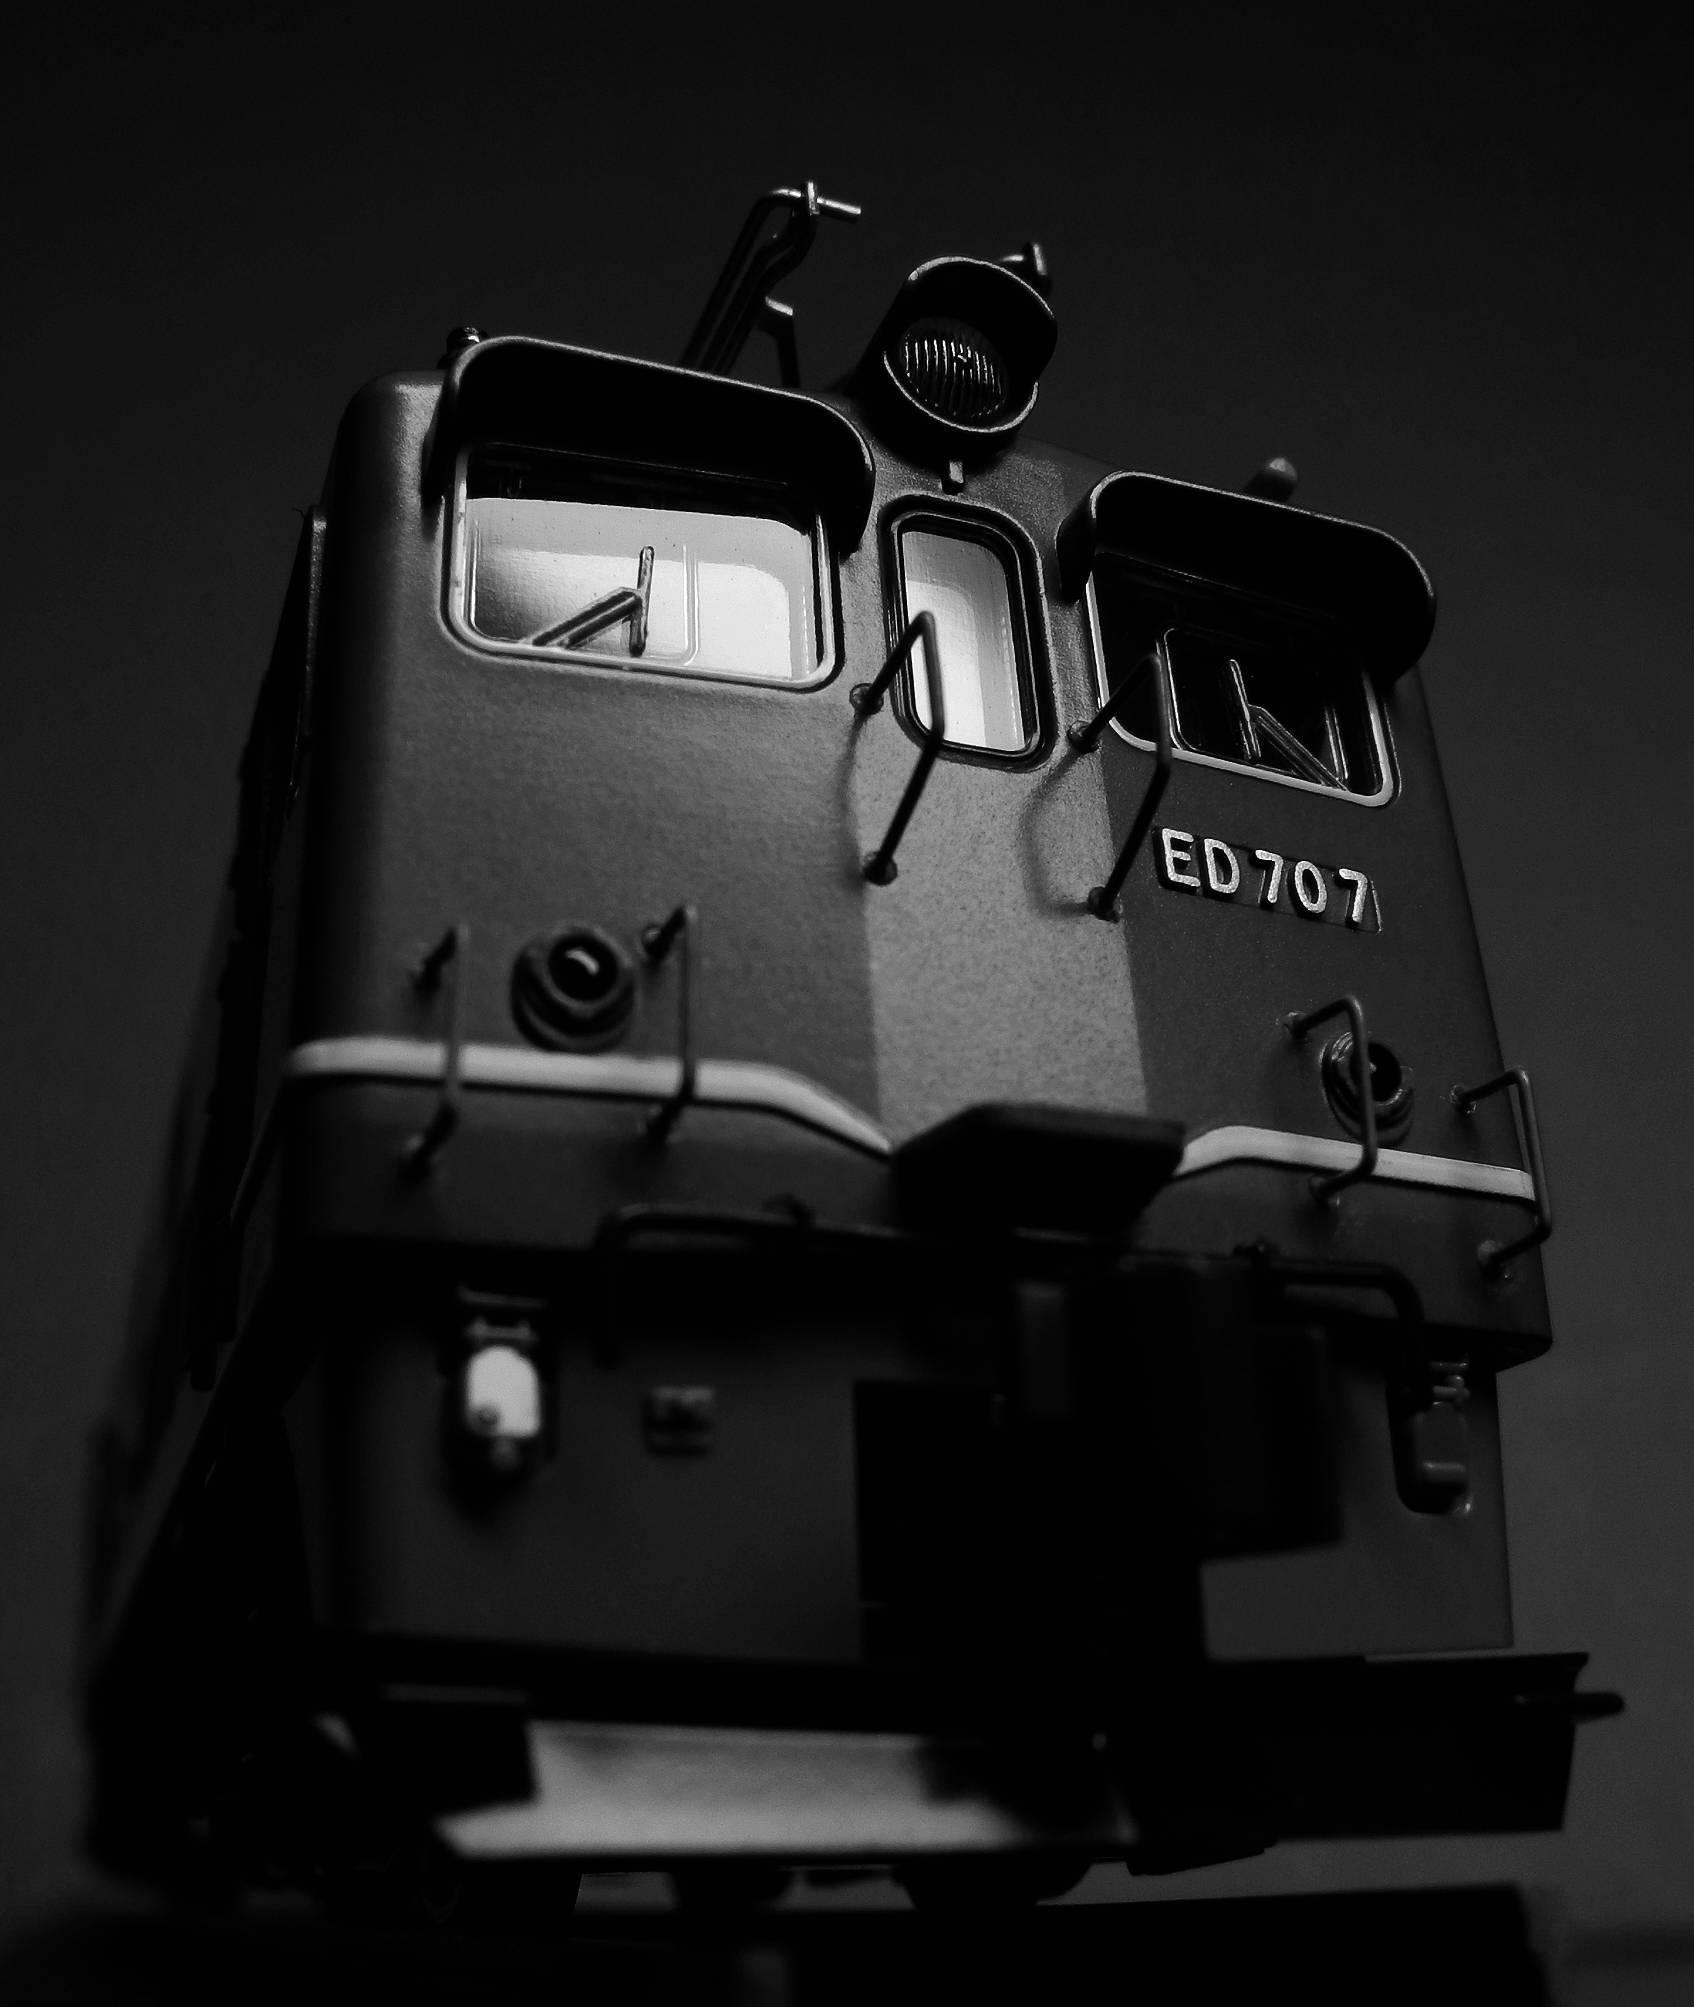 DSCN8654-2.jpg